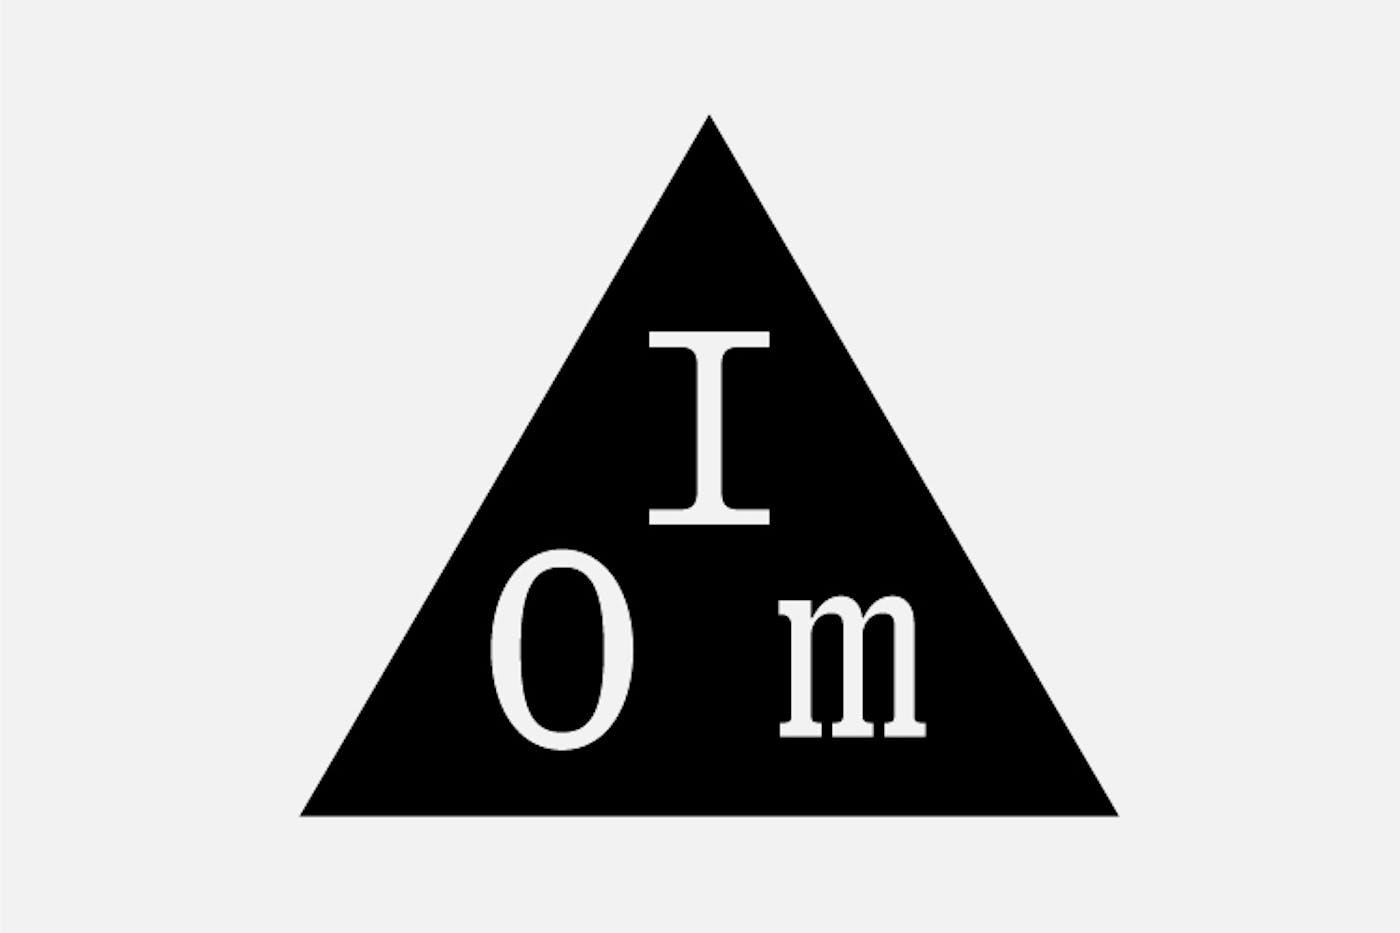 1 iom logo